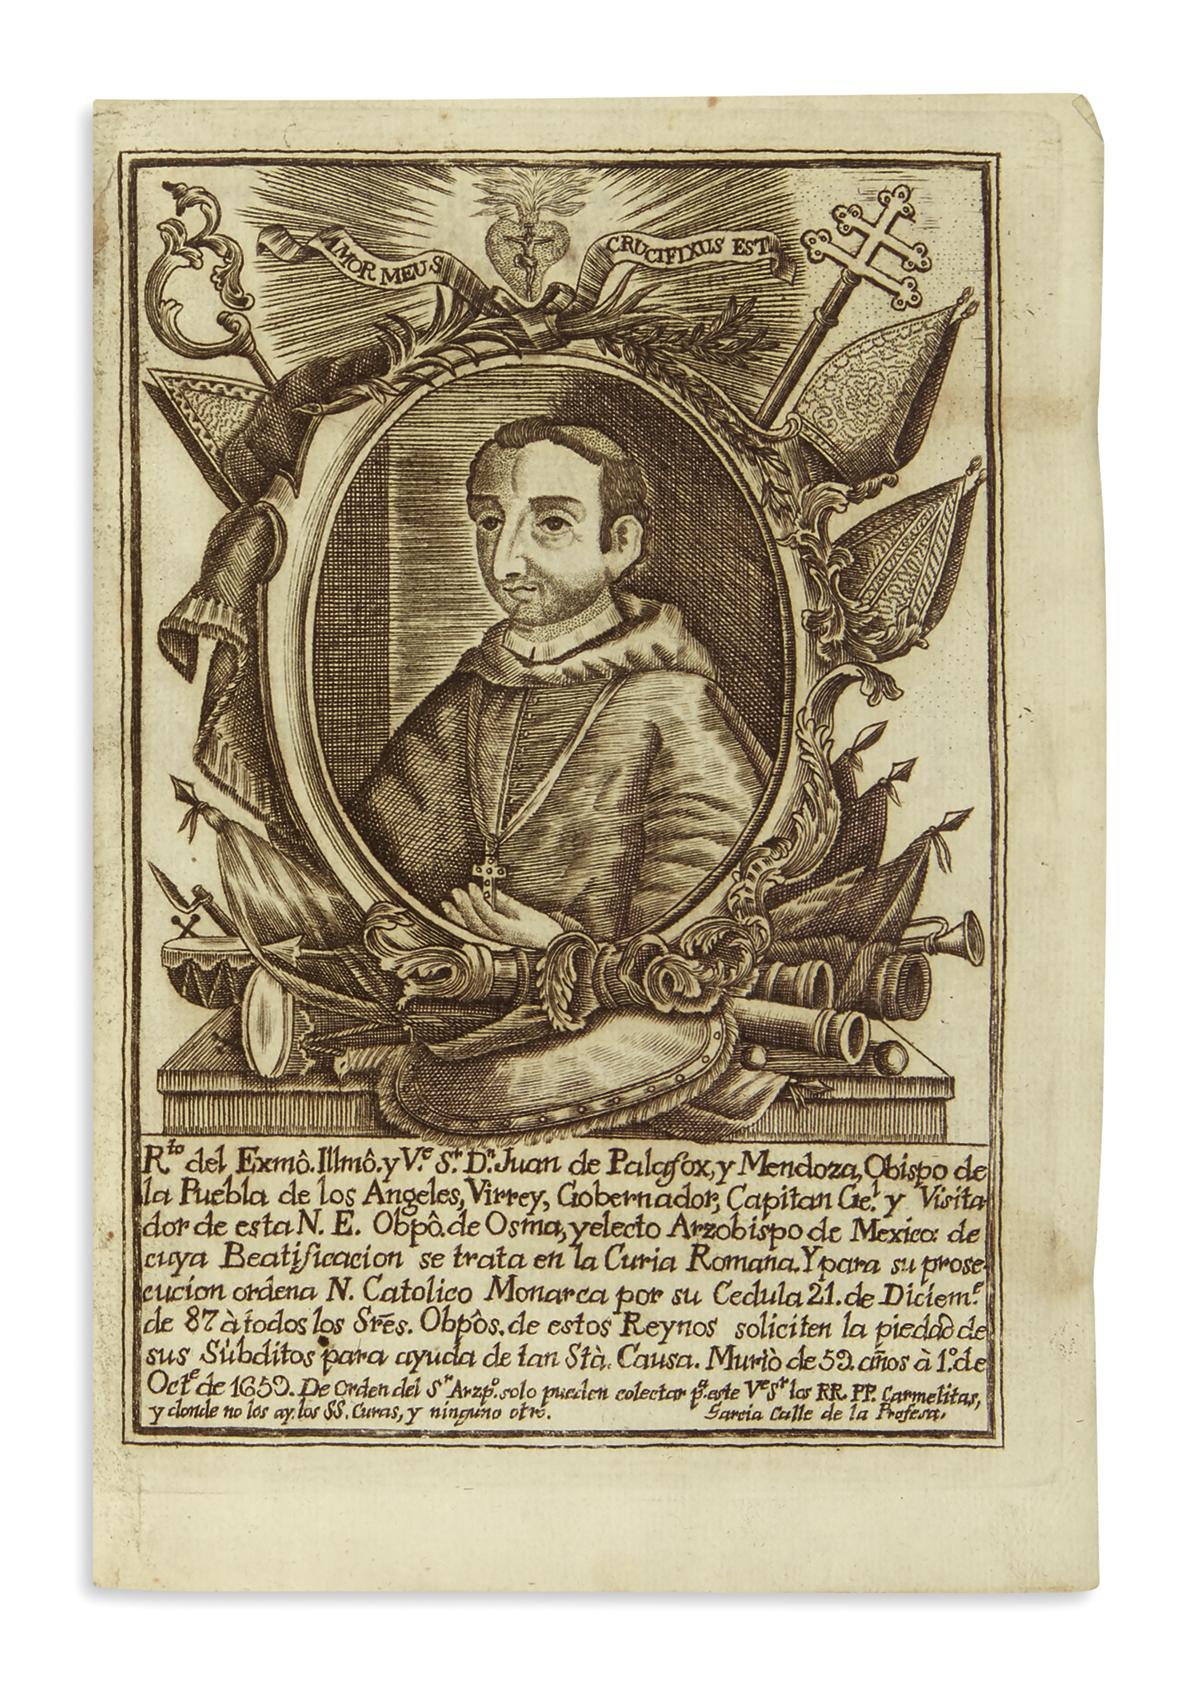 Engraved frontispiece plate of Juan de Palafox y Mendoza, Bishop of Puebla